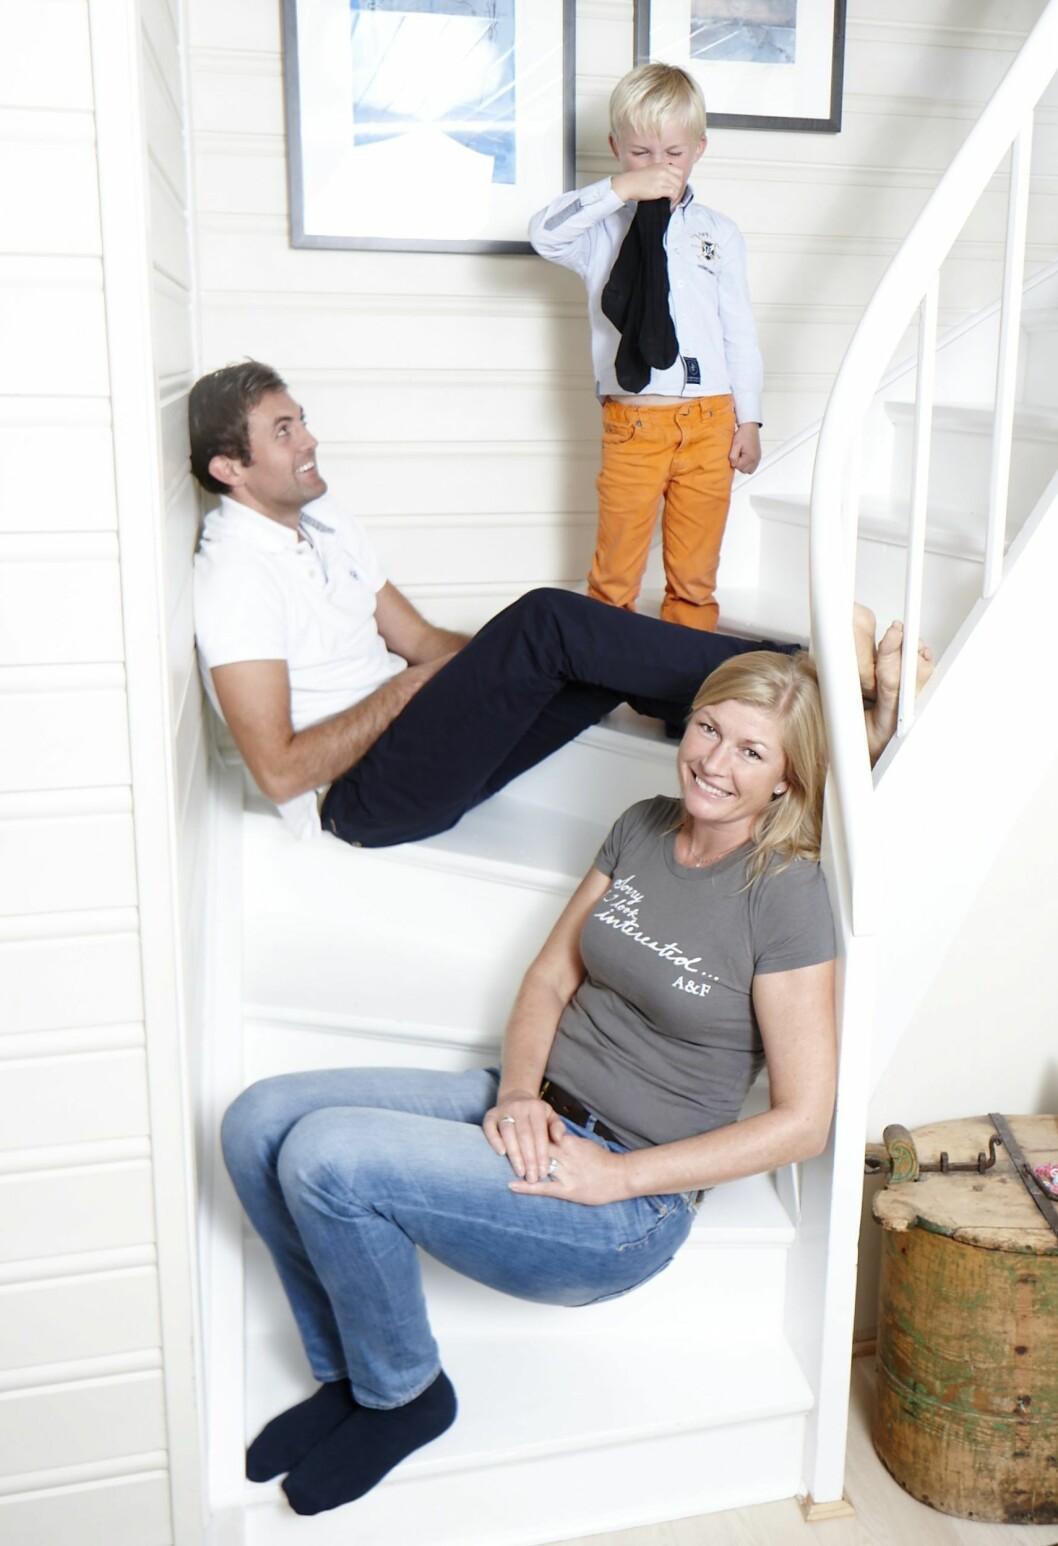 UNNGÅR KRANGLENE: Katja (45) og Carl-Fredrik Eckbo Røøk (34) har vært sammen i ni år, men lar seg fortsatt irritere over små ting i hverdagen - som sokker.   Foto: Geir Dokken